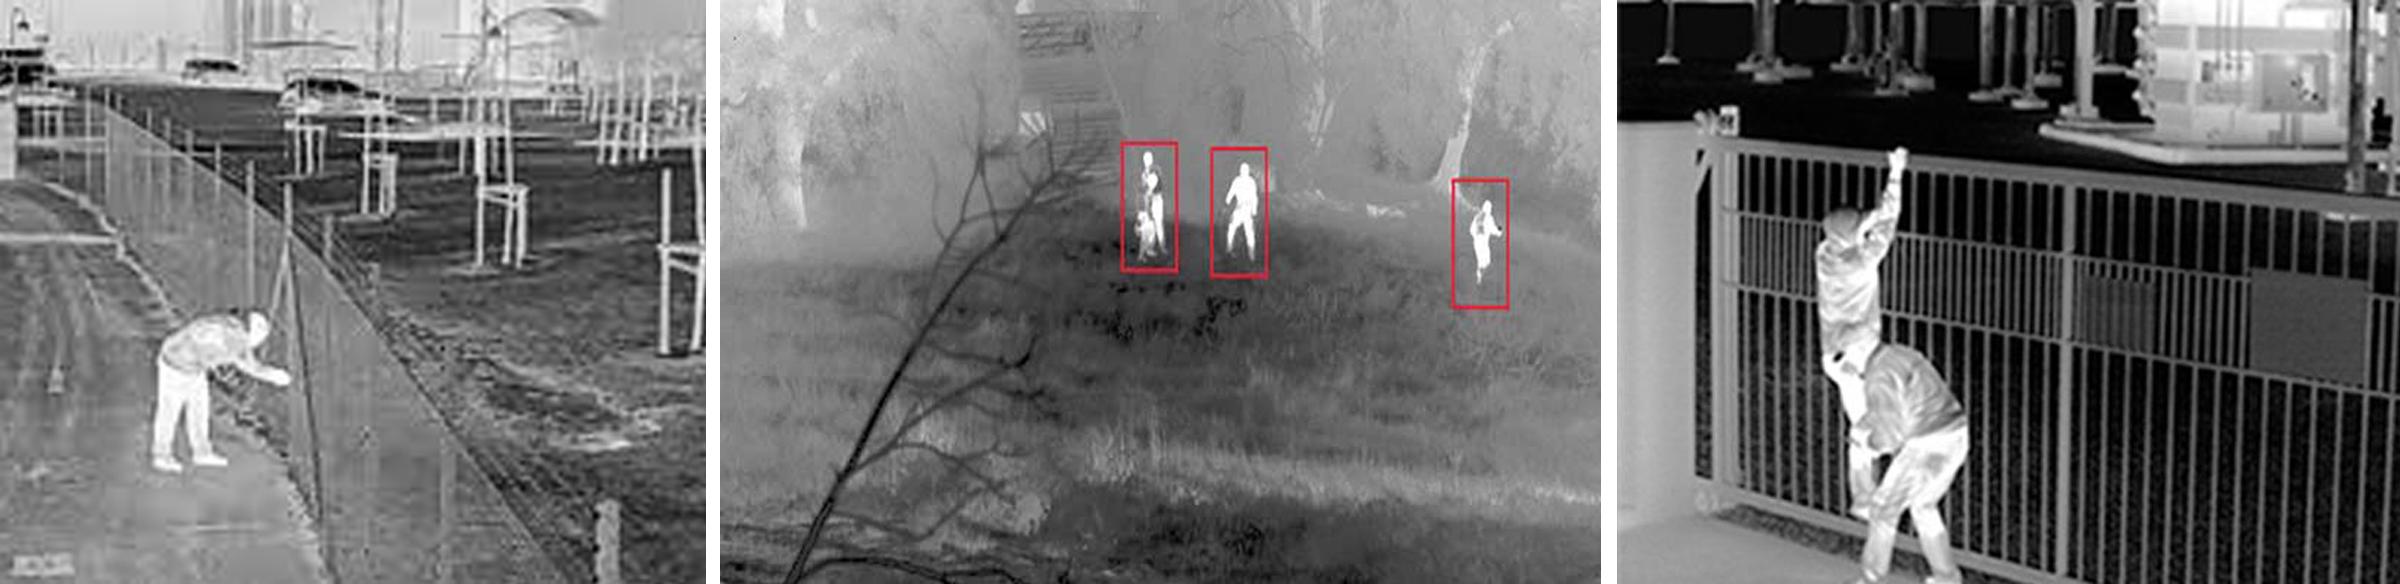 تصویر دوربین های مداربسته حرارتی